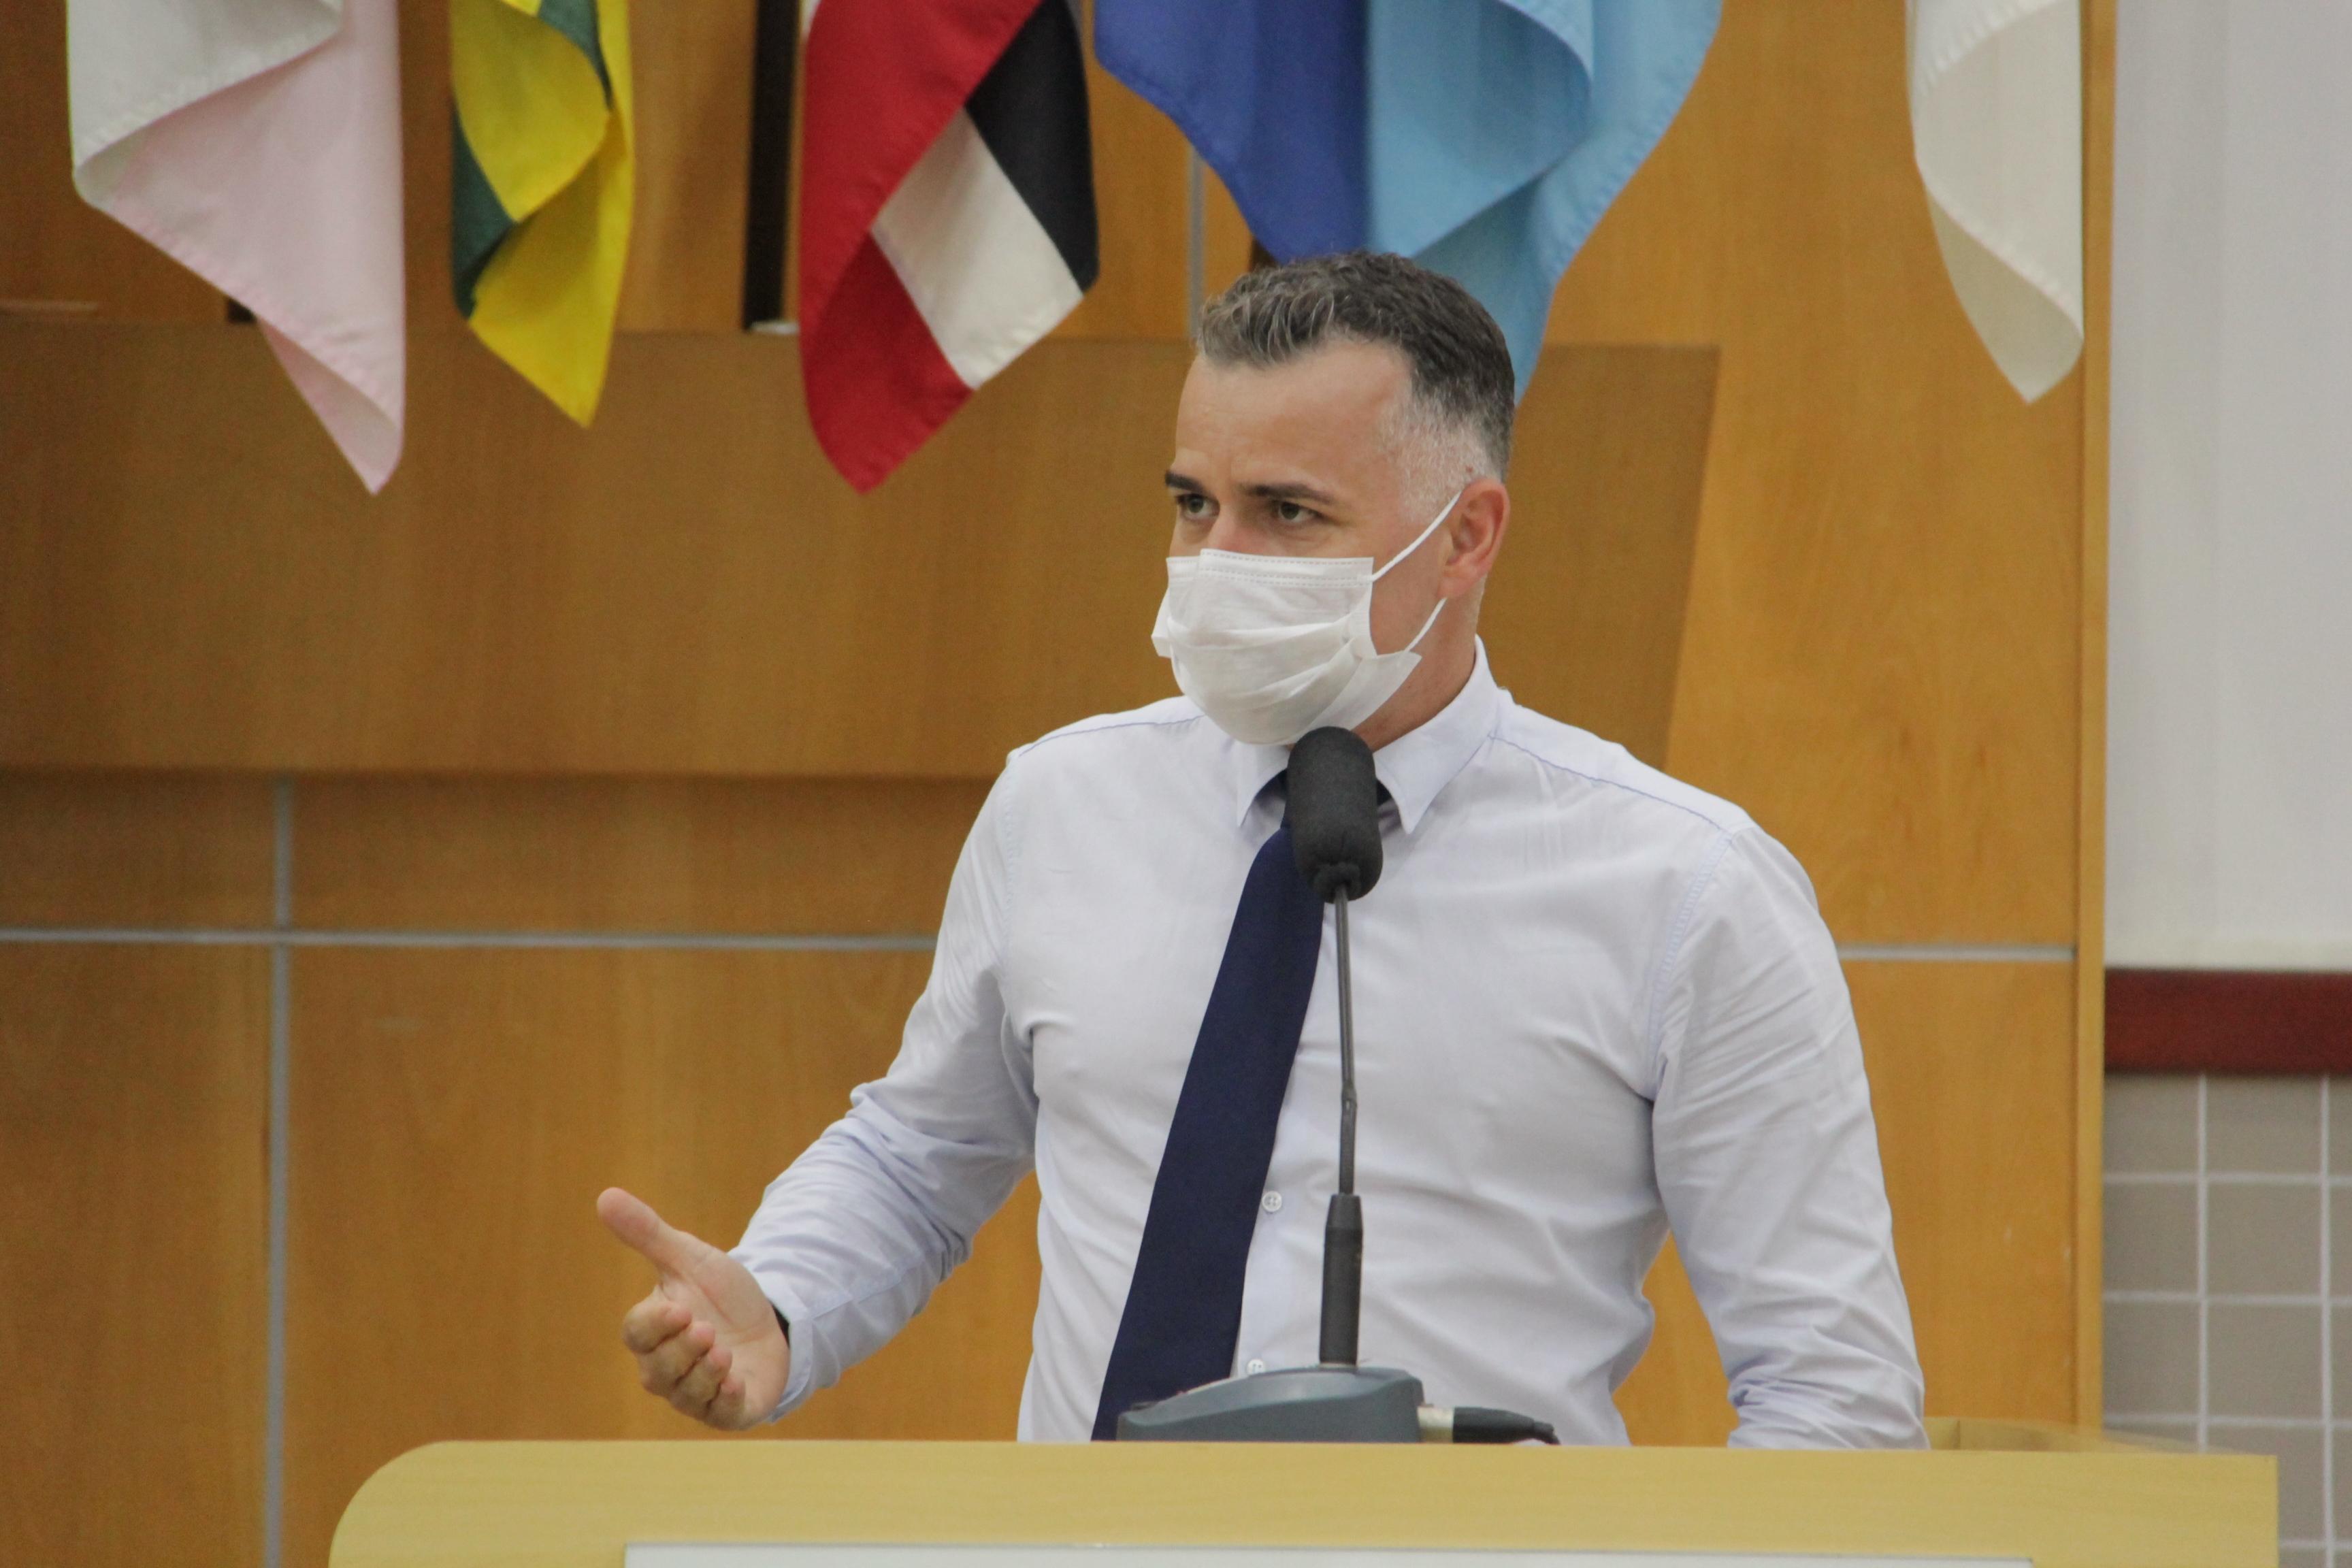 Vereador questiona prefeito sobre mau cheiro do Aterro Sanitário